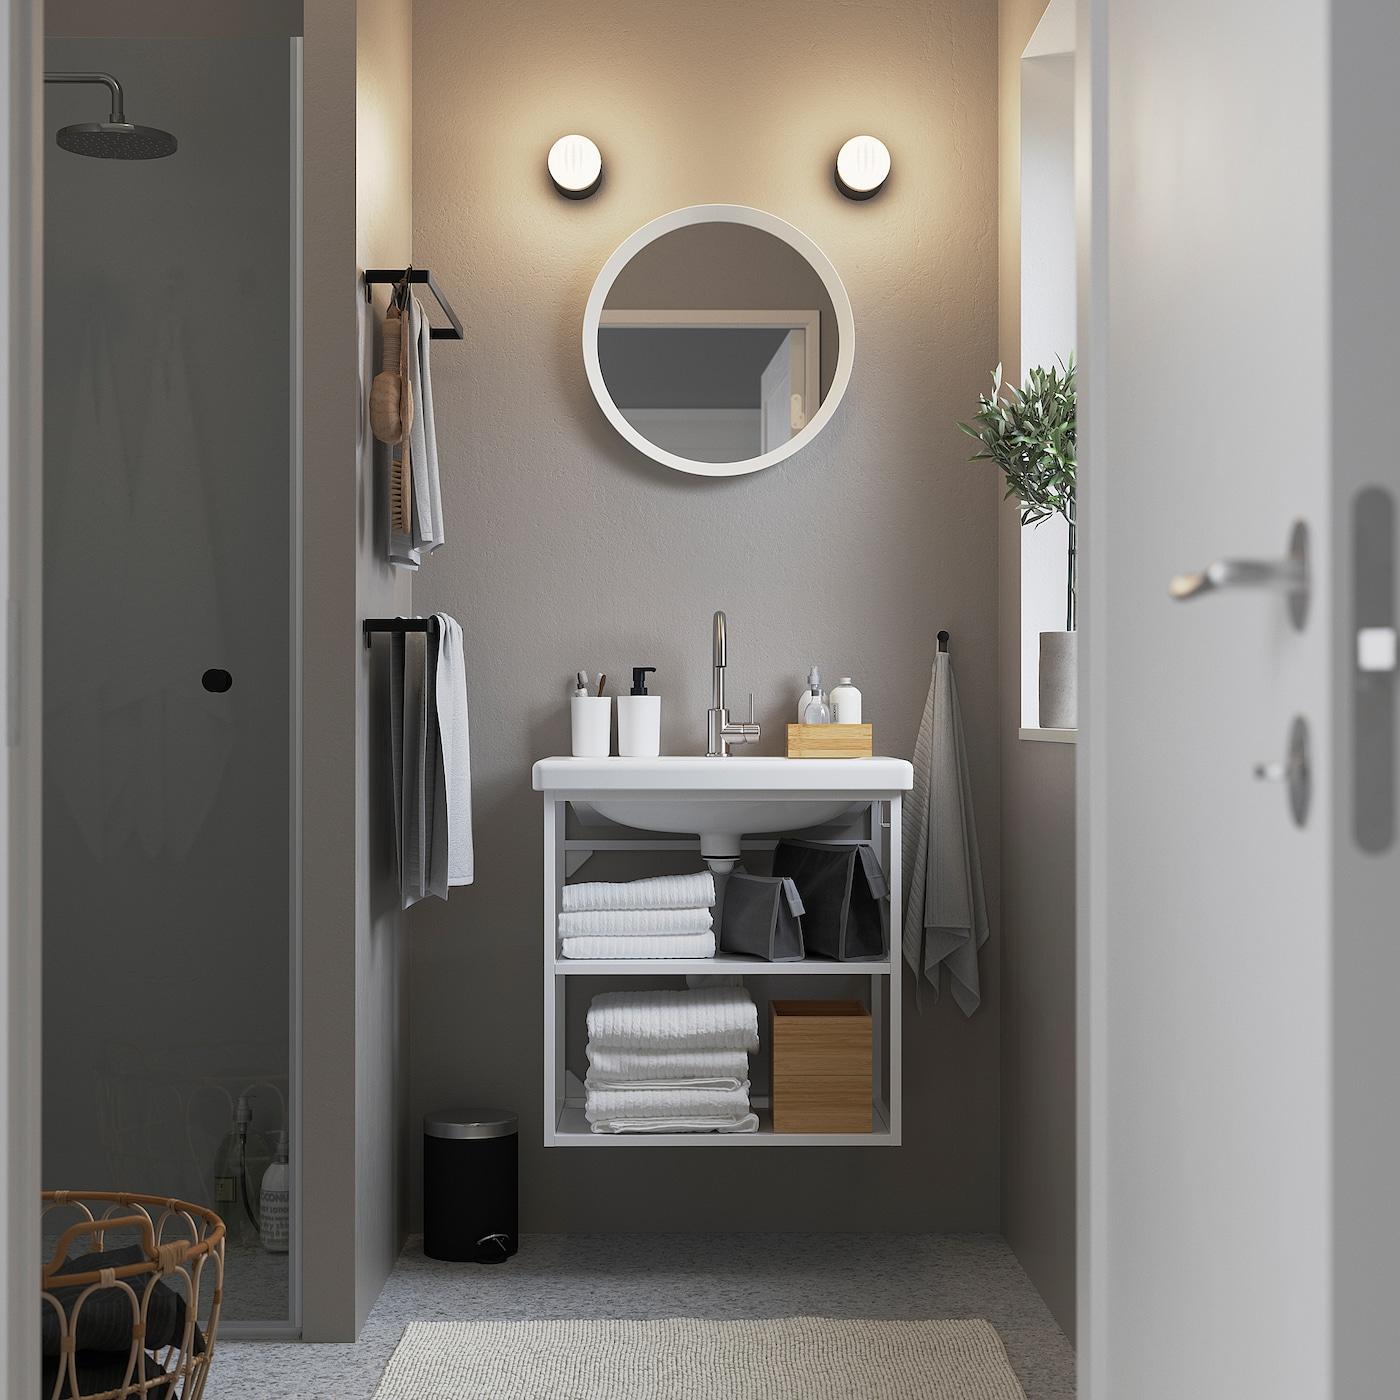 ENHET / TVÄLLEN حامل حوض مفتوح مع رفين, أبيض/حنفية Glypen, 64x43x65 سم